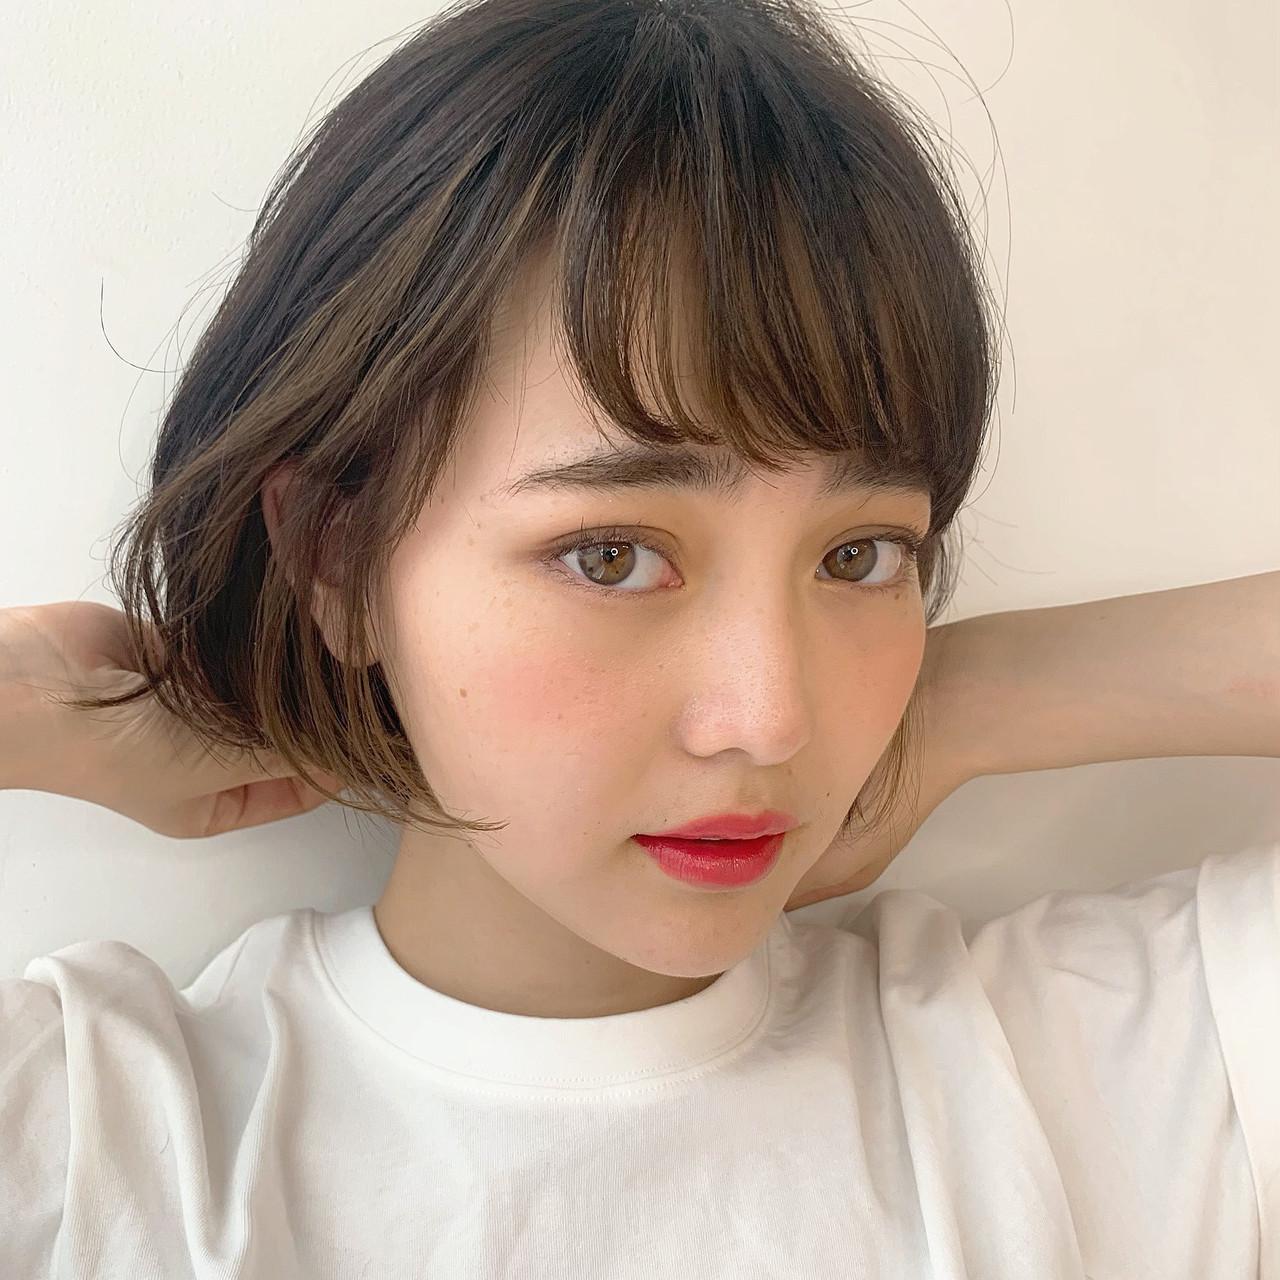 耳かけ ガーリー ショート インナーカラー ヘアスタイルや髪型の写真・画像 | LIPPS銀座 安田愛佳 / LIPPS 銀座